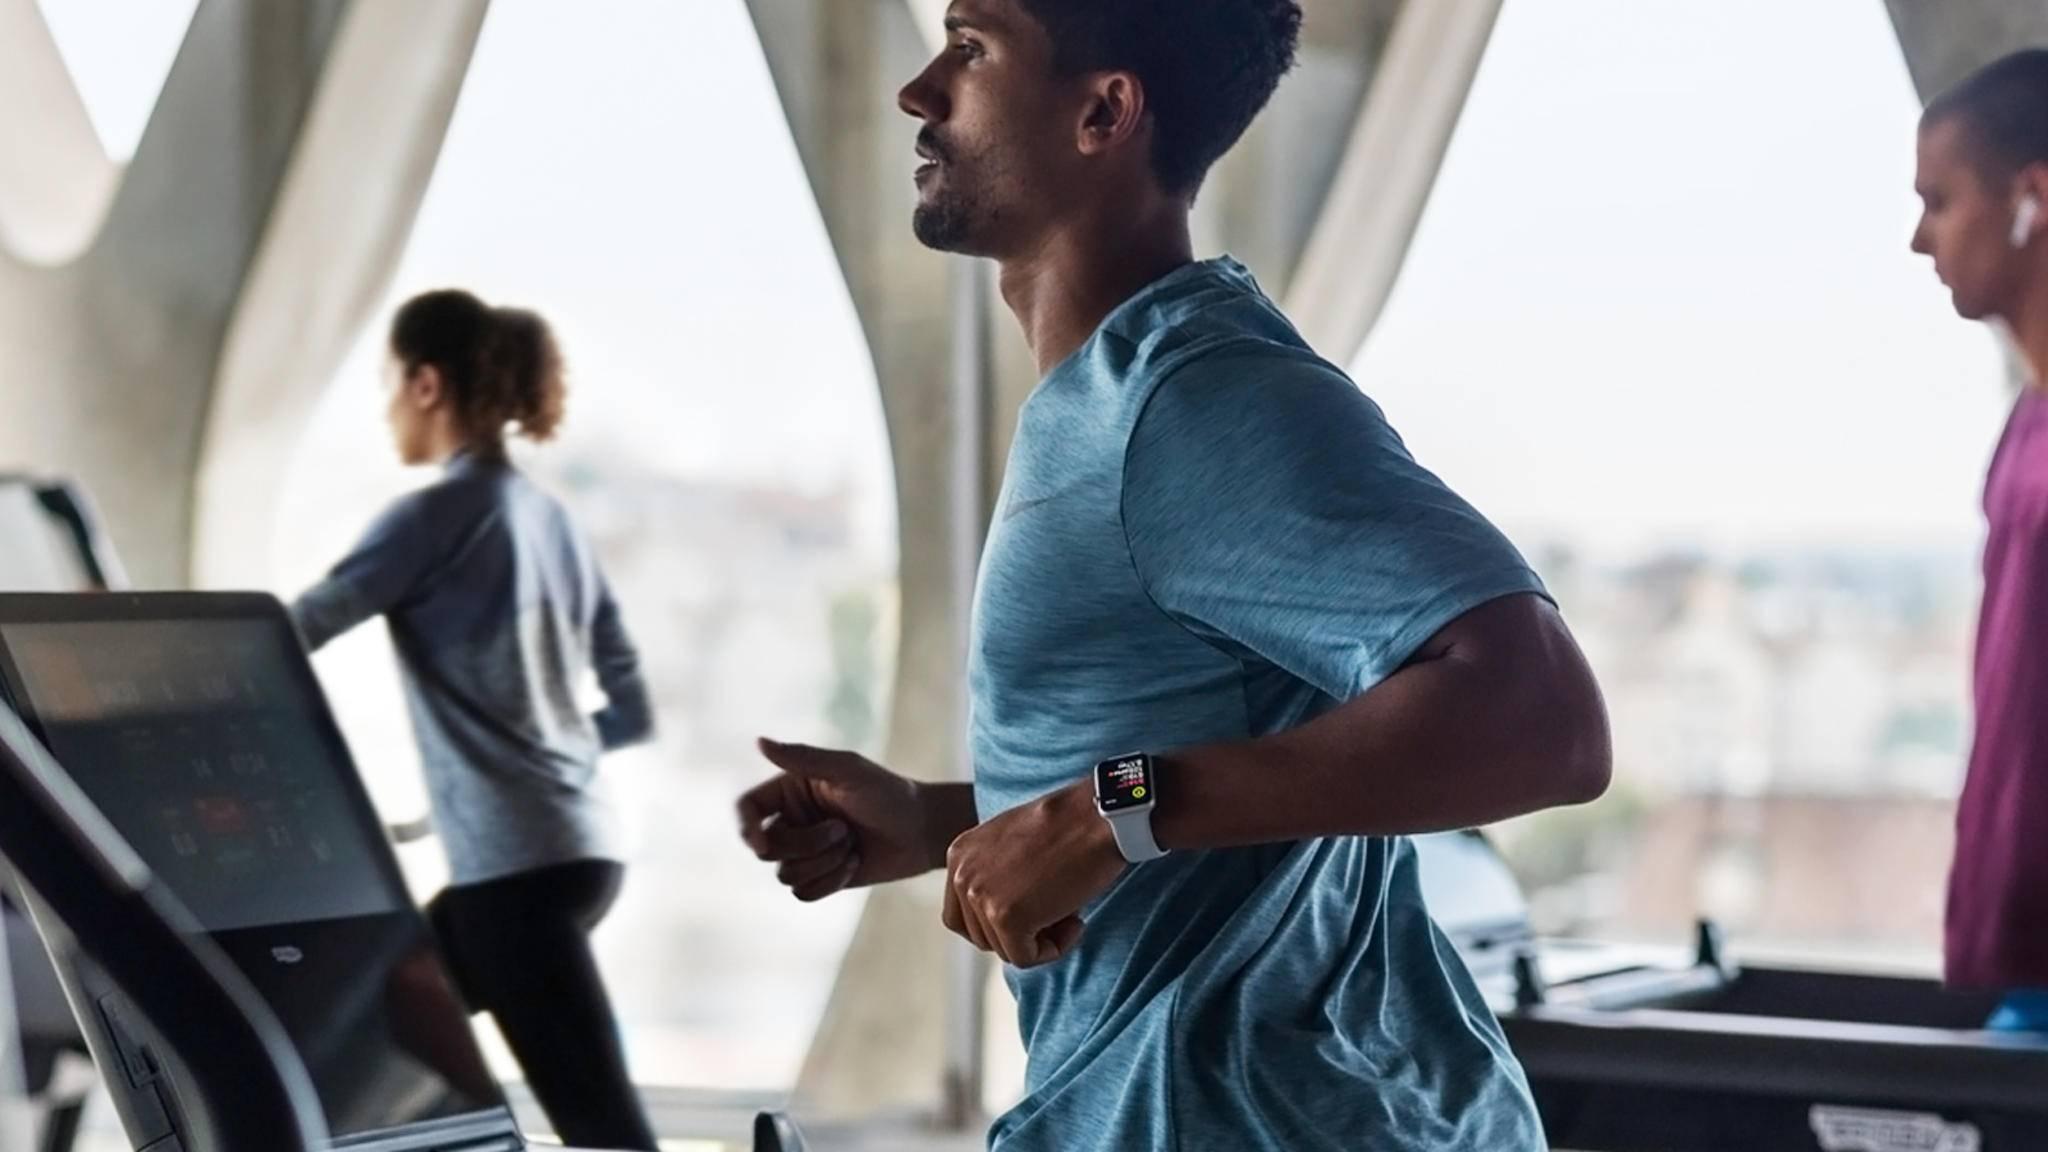 Das Aura-Armband erweitert die Apple Watch um einige Health-Funktionen.